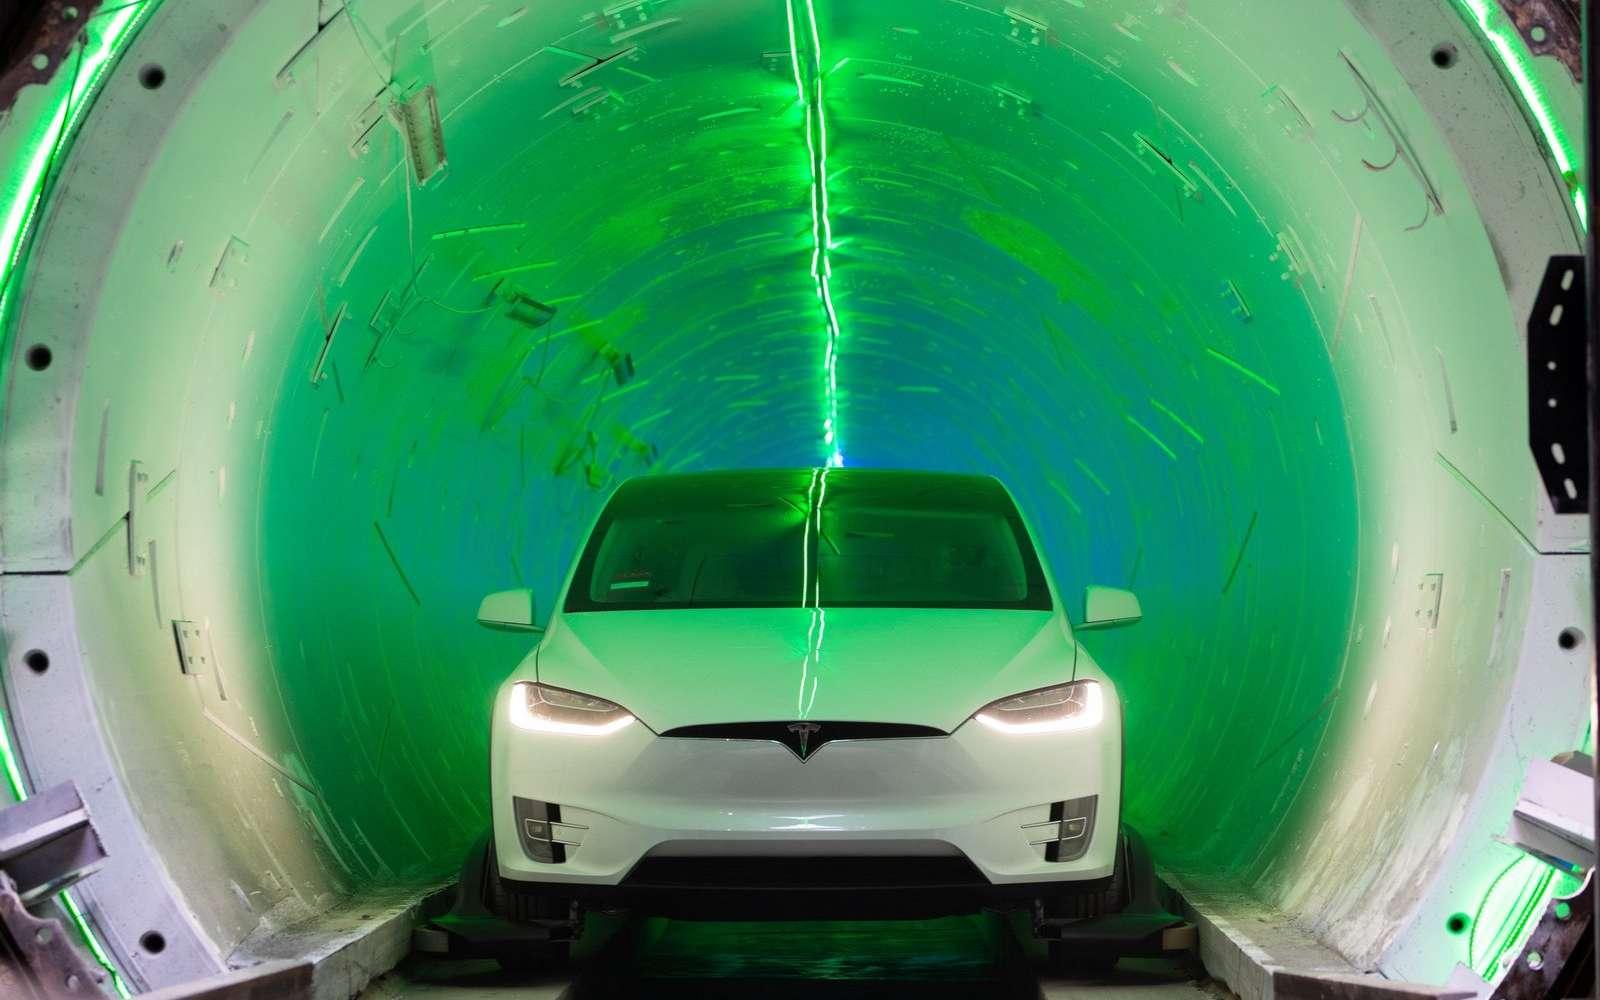 Elon Musk a démontré l'efficacité de ses tunnels urbains. © The Boring Company